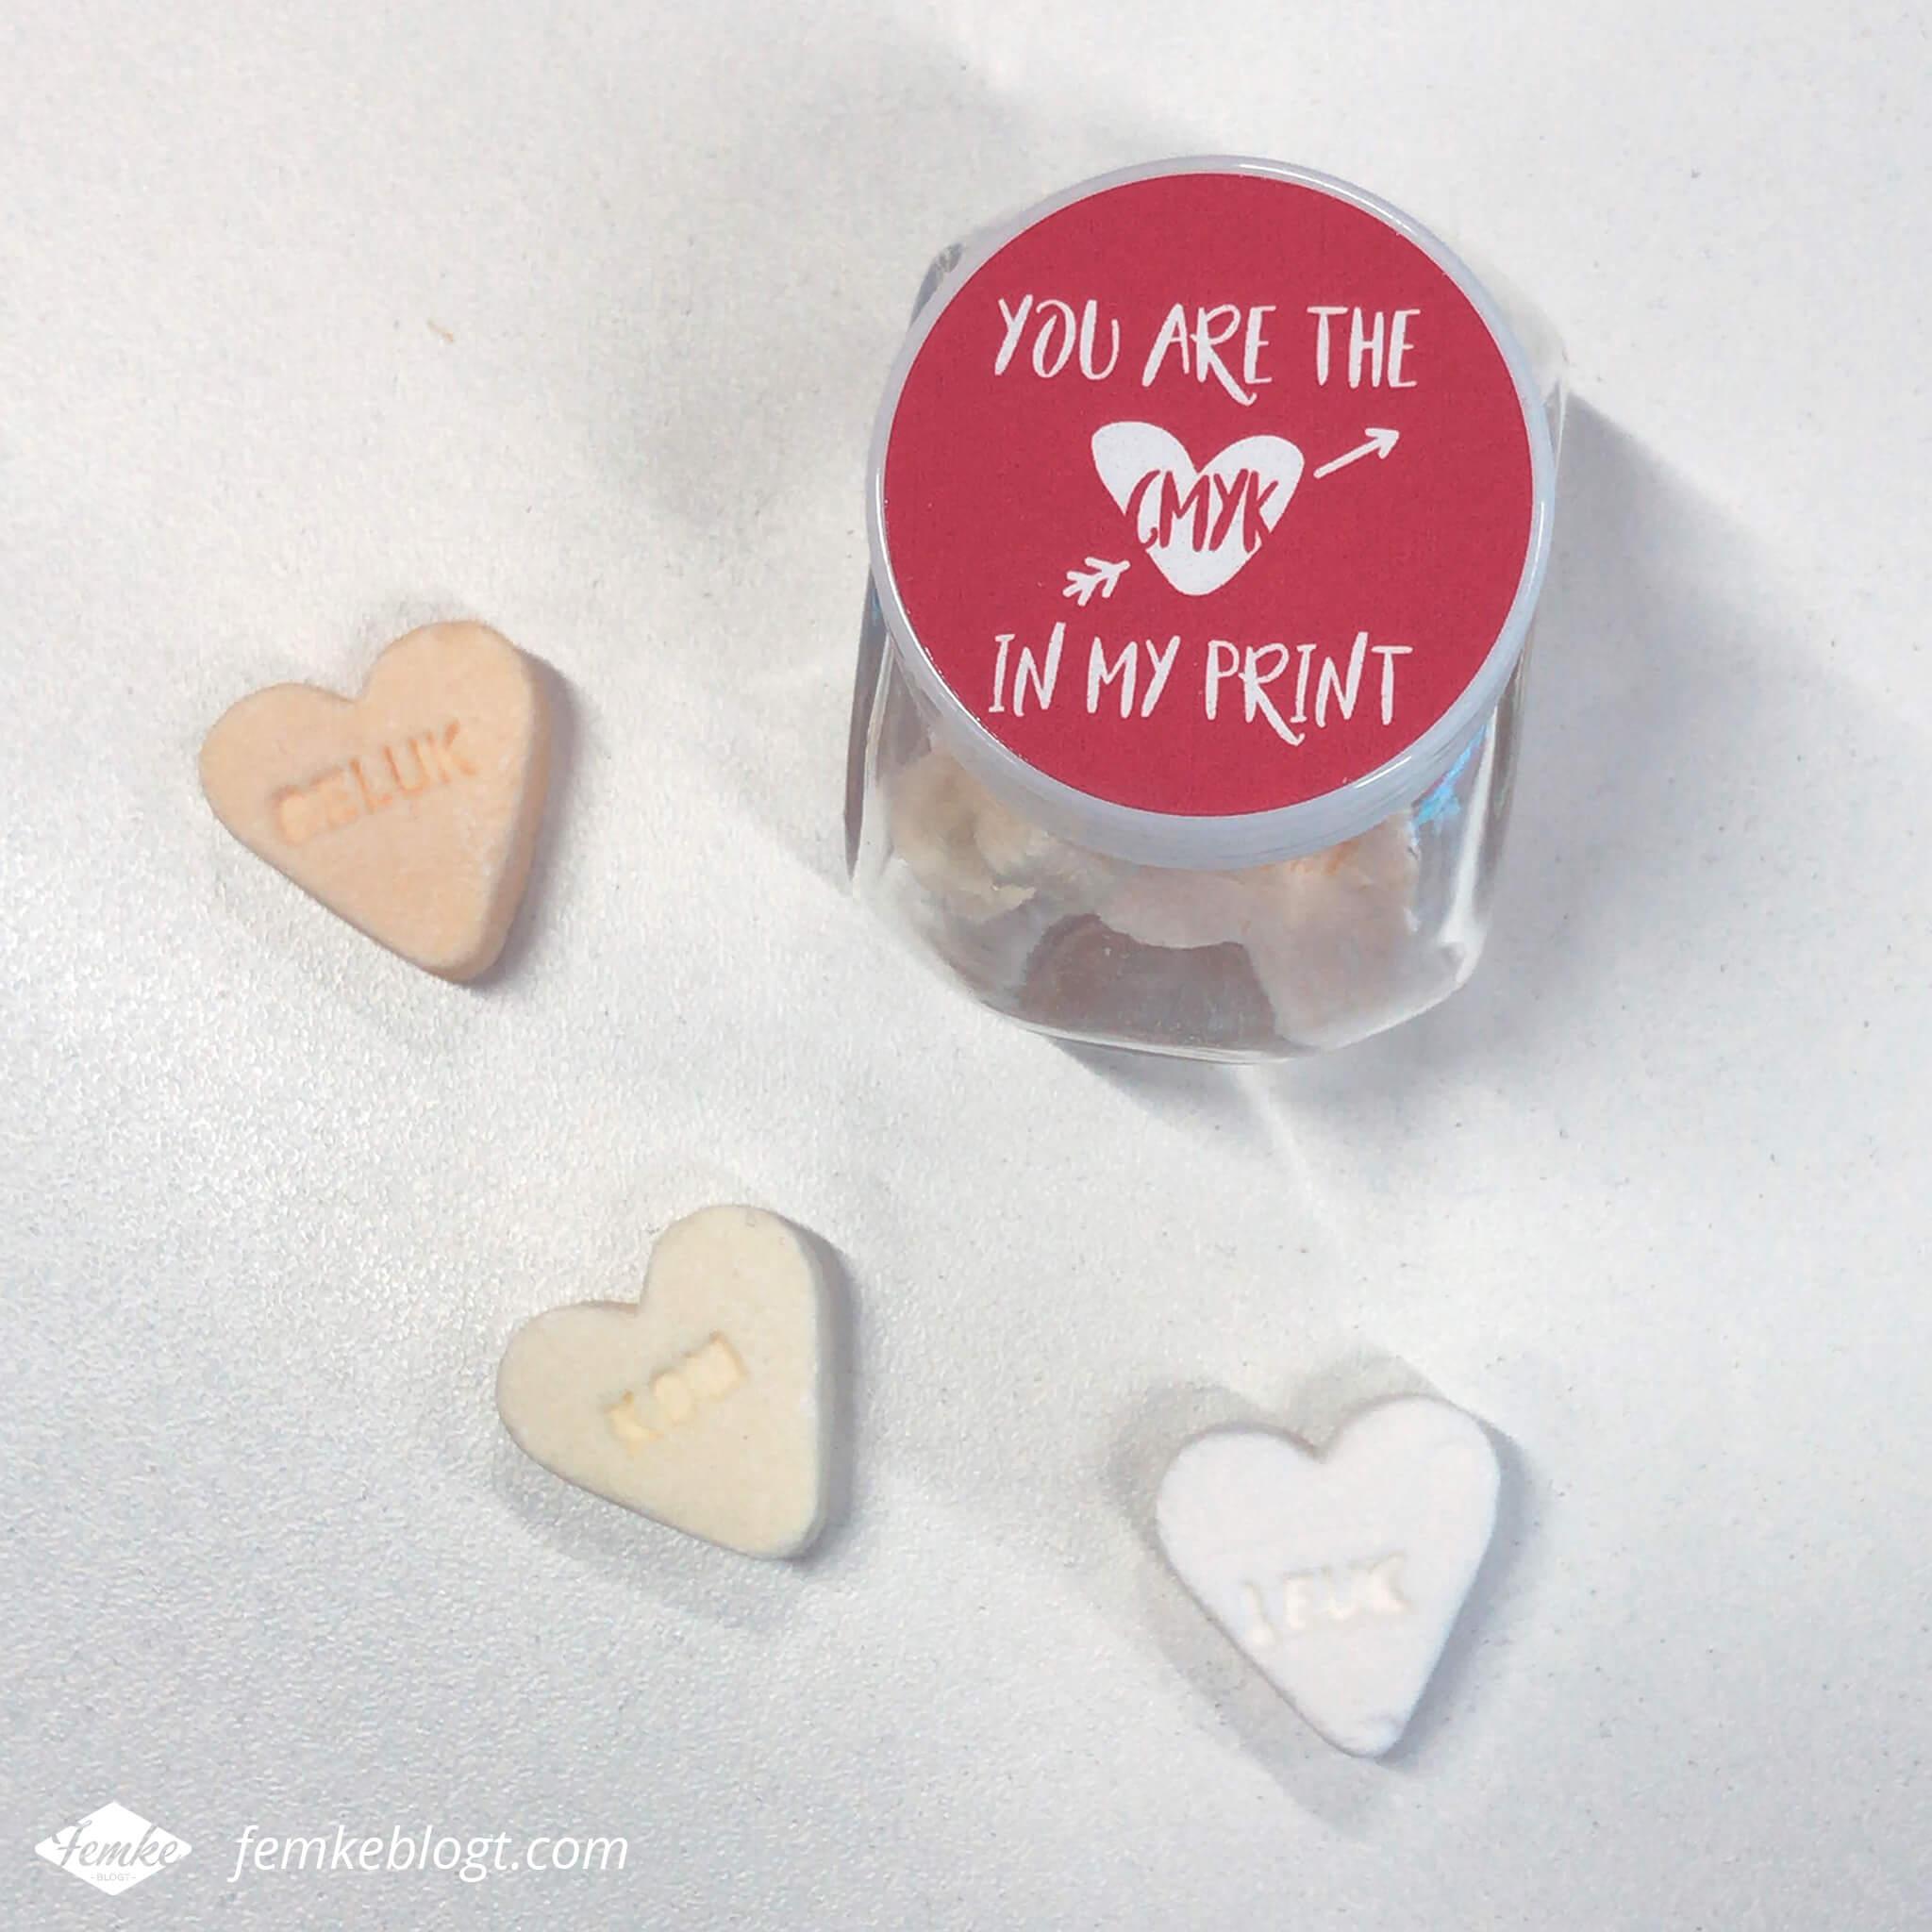 Maandoverzicht februari   Valentijnsdag, You are the CMYK in my print